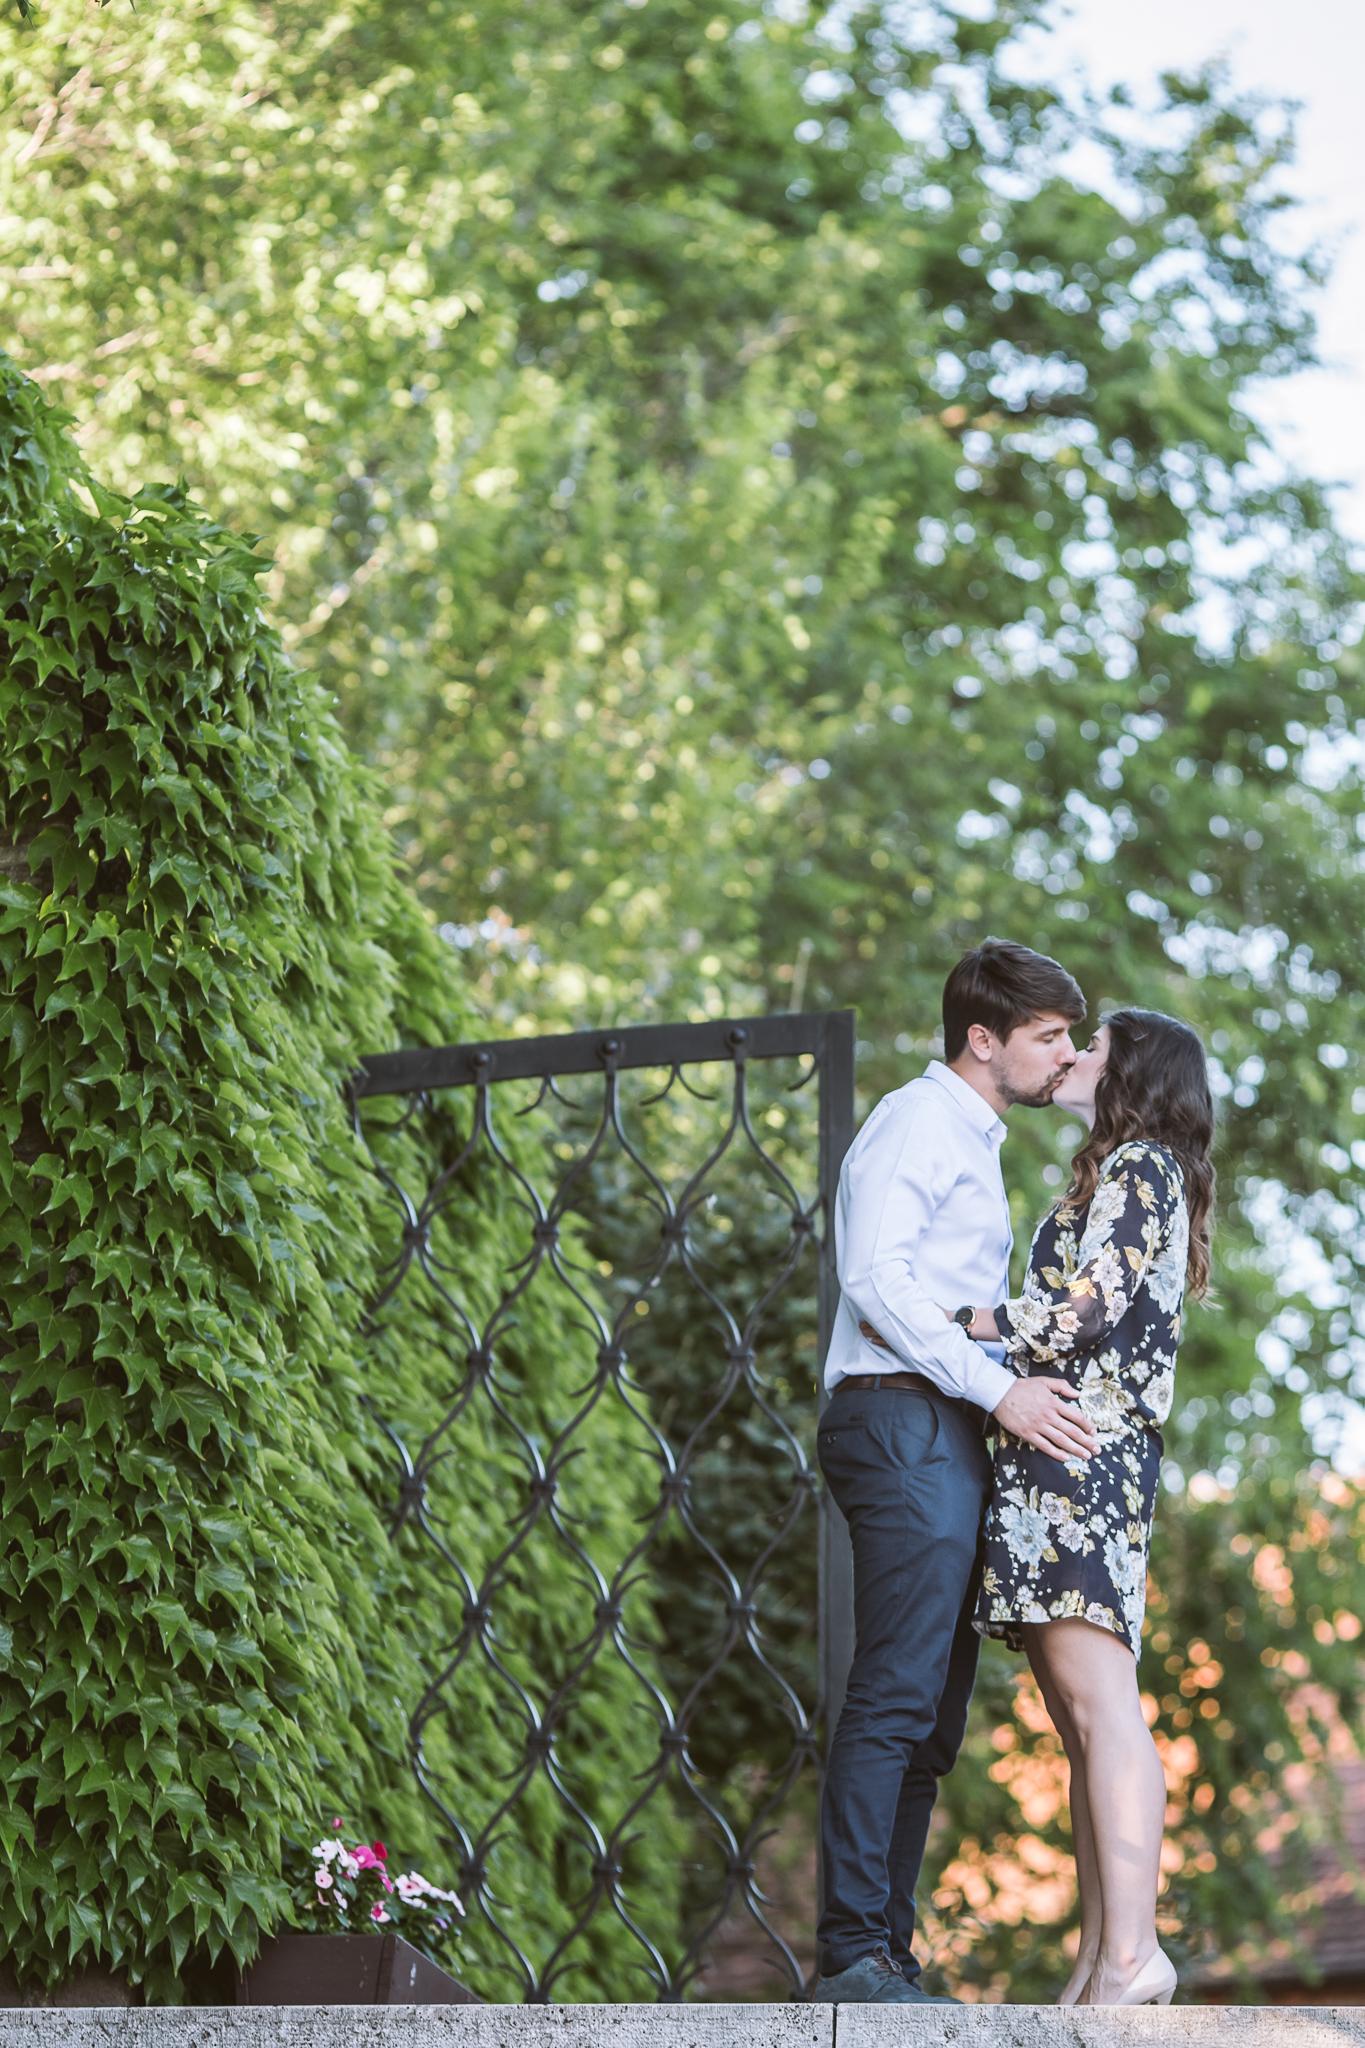 FylepPhoto, esküvőfotózás, magyarország, esküvői fotós, vasmegye, prémium, jegyesfotózás, Fülöp Péter, körmend, kreatív, tihany 44.jpg